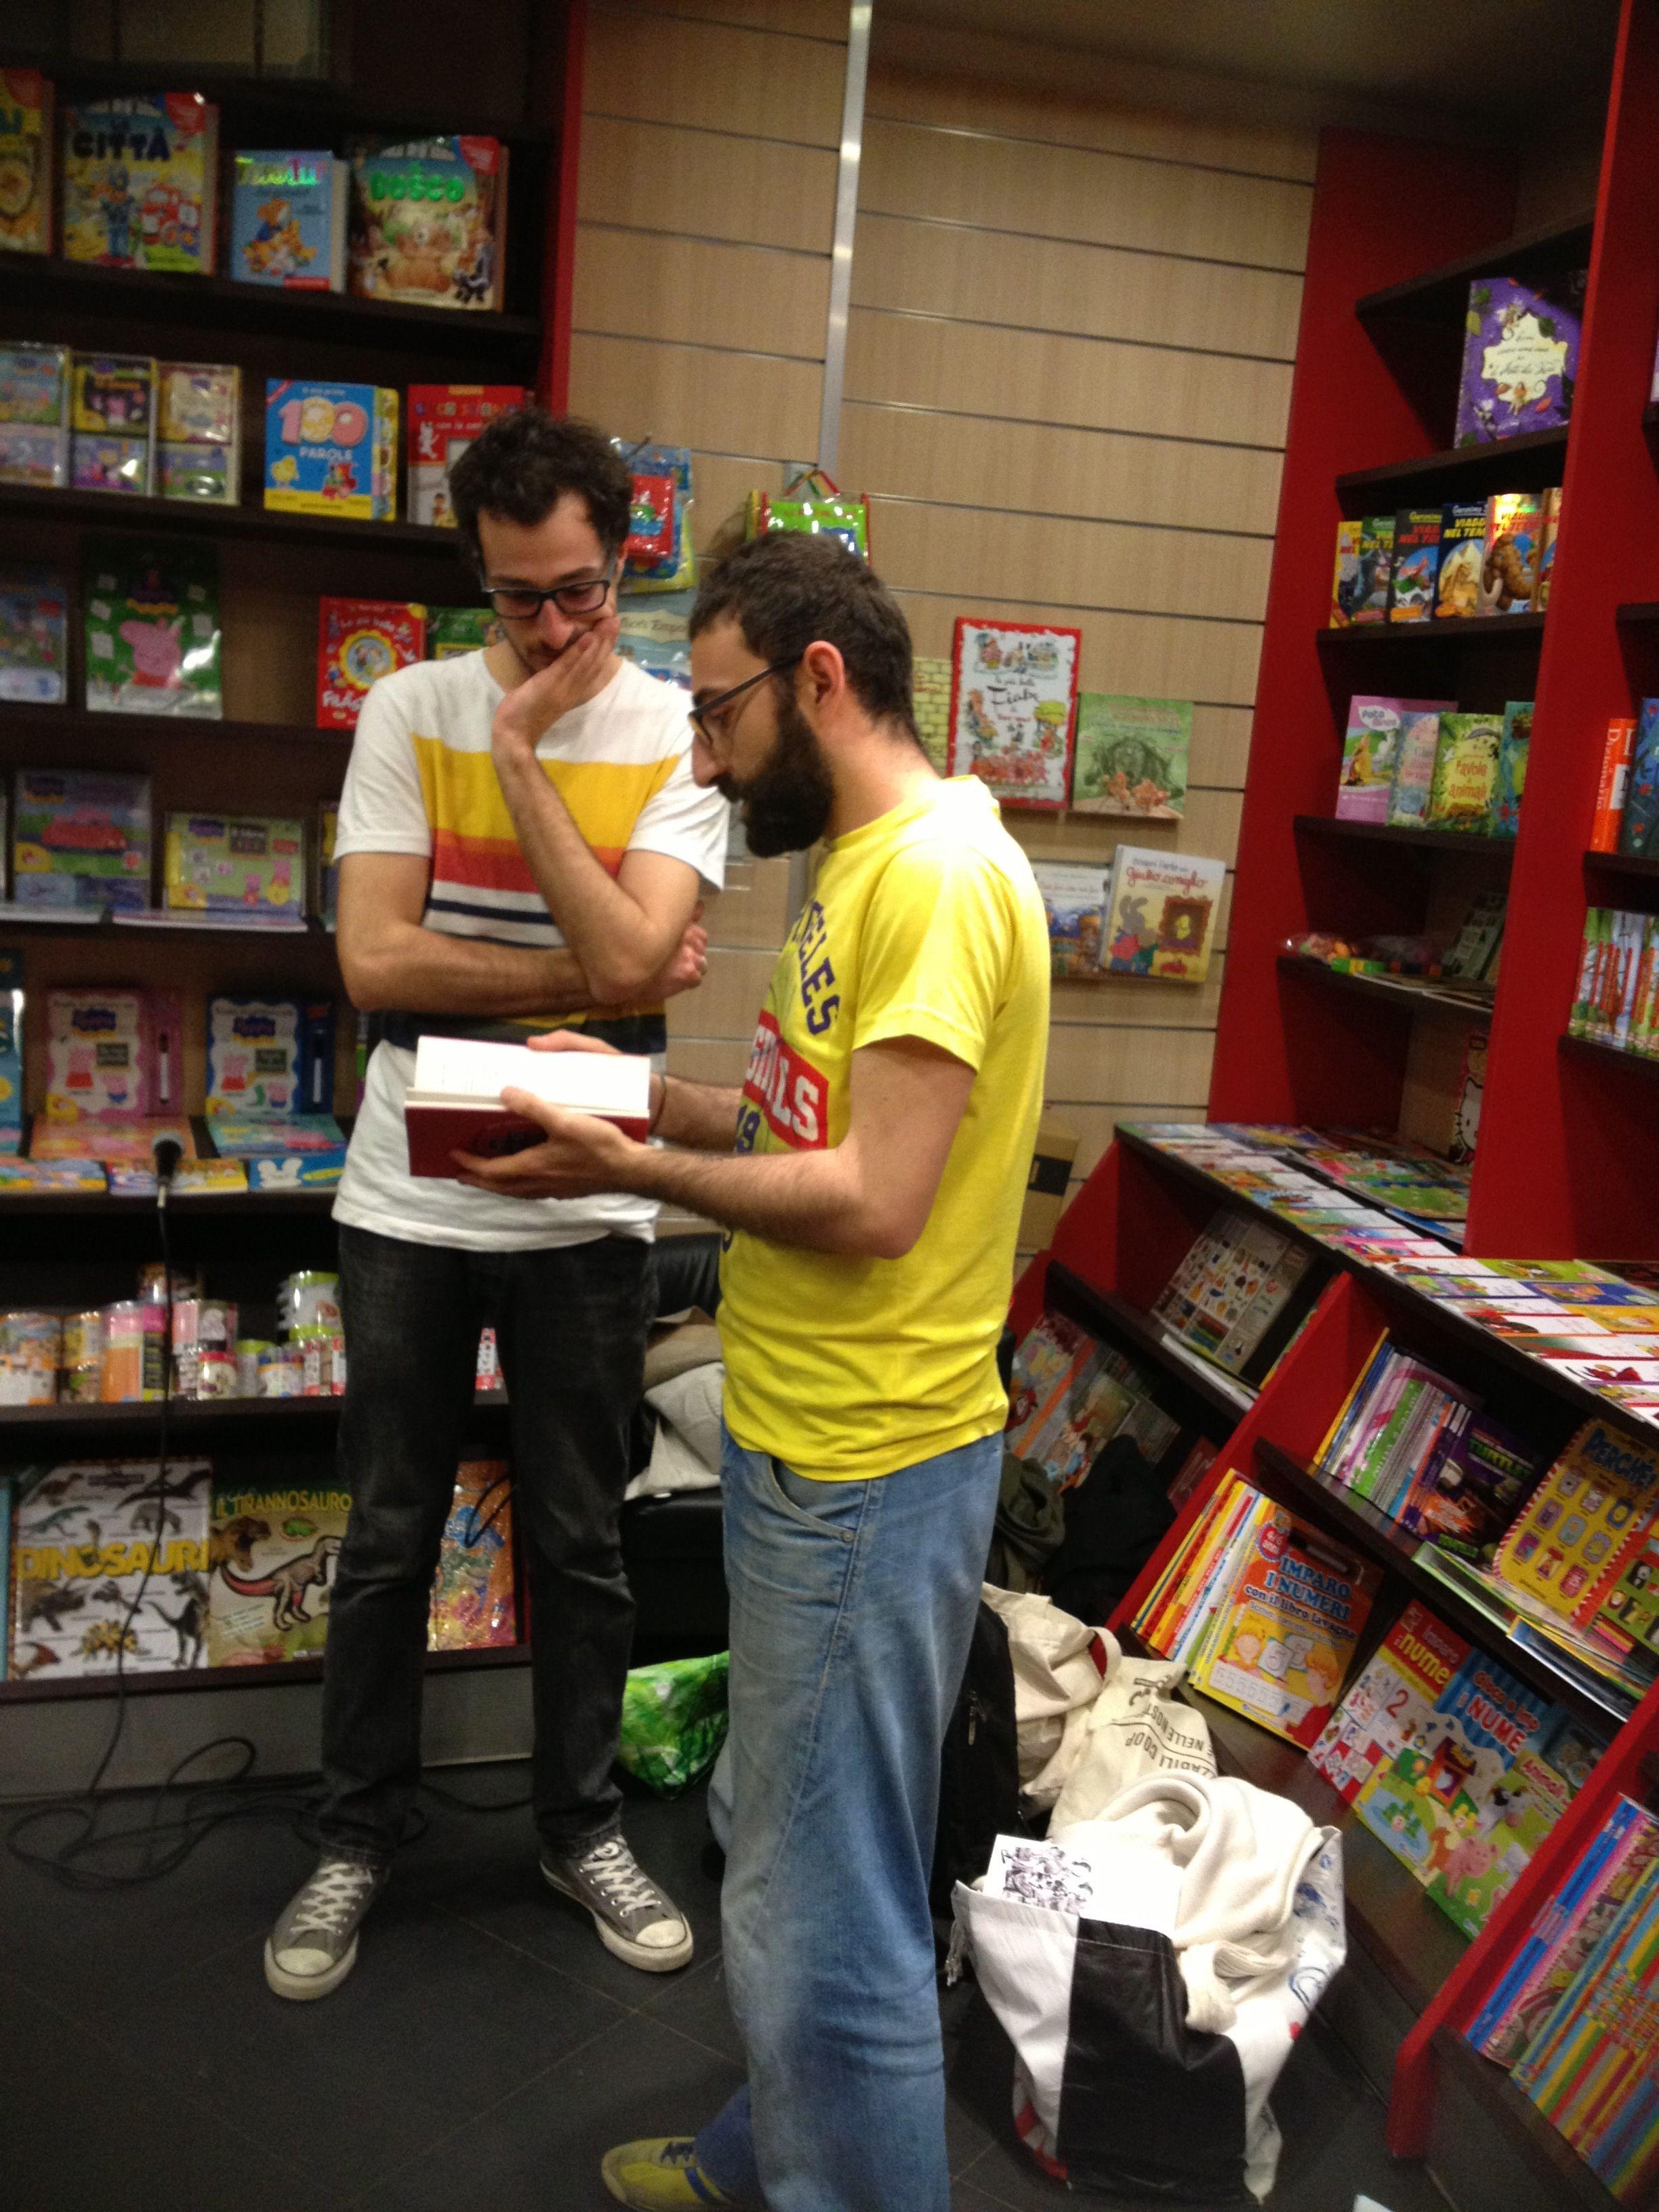 Roberto Mandracchia e Carmelo il libraio della libreria Pallotta che ci ha ospitati. Quanto è difficile autostroncarsi! #NonSonoSòle 2014 #books #badbooks